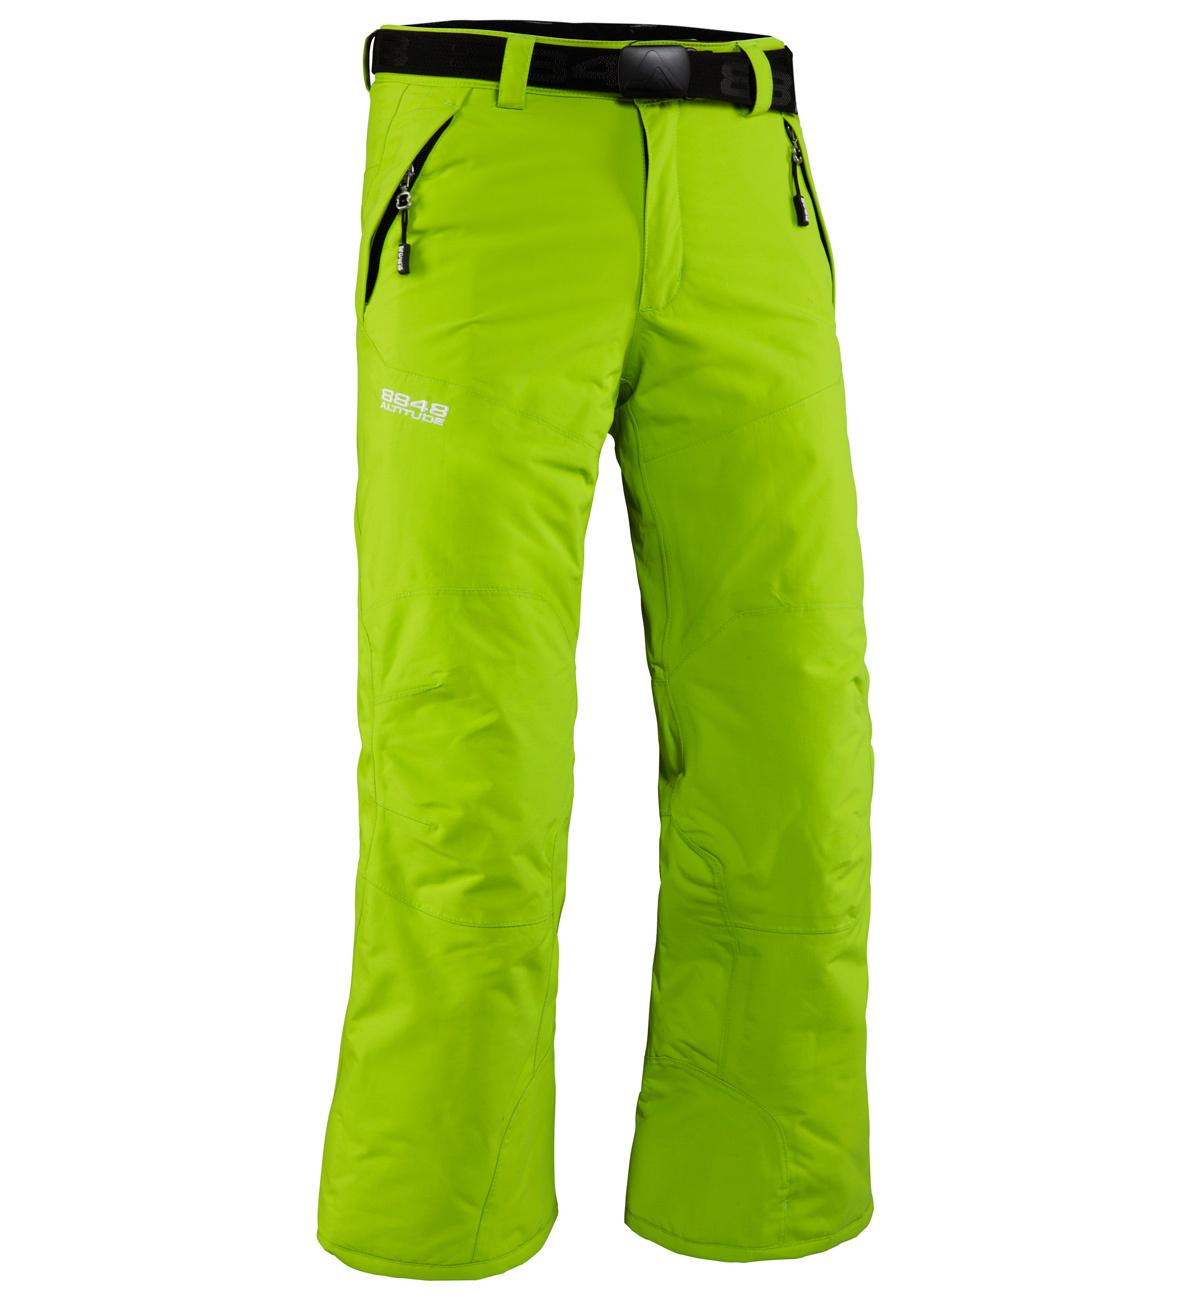 Брюки горнолыжные  8848 Altitude TOMBER детские Lime